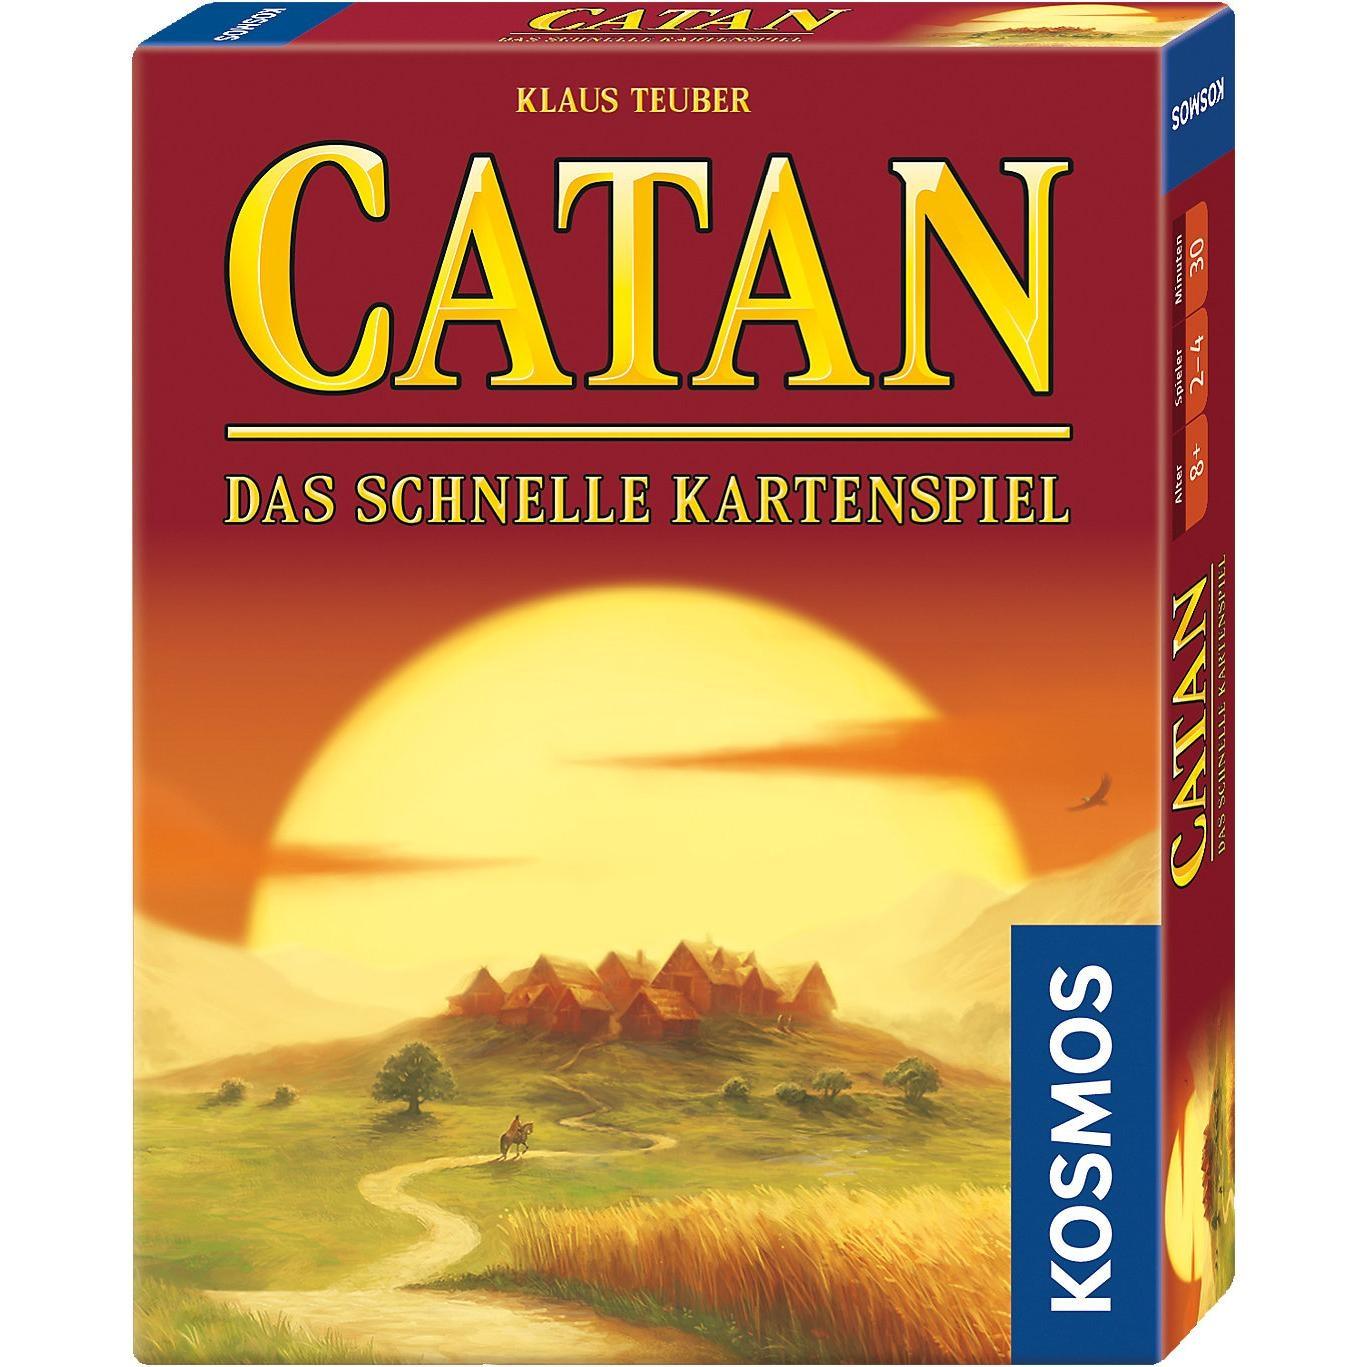 Kosmos Catan Das schnelle Kartenspiel